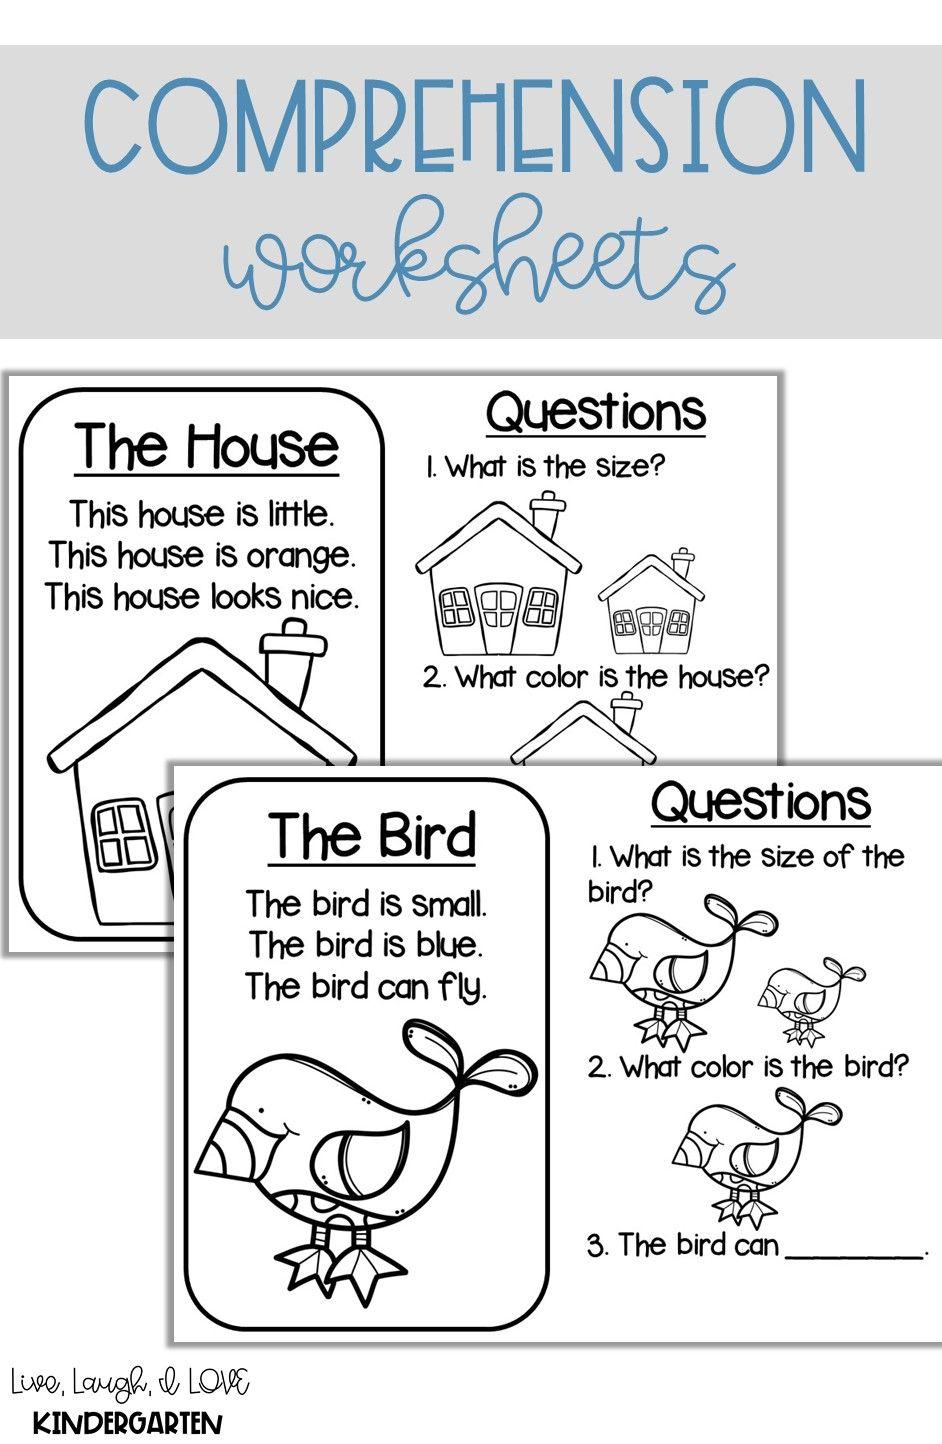 Kindergarten Comprehension Kindergarten Comprehension Worksheets Kindergarten Comprehension Comprehension [ 1444 x 942 Pixel ]